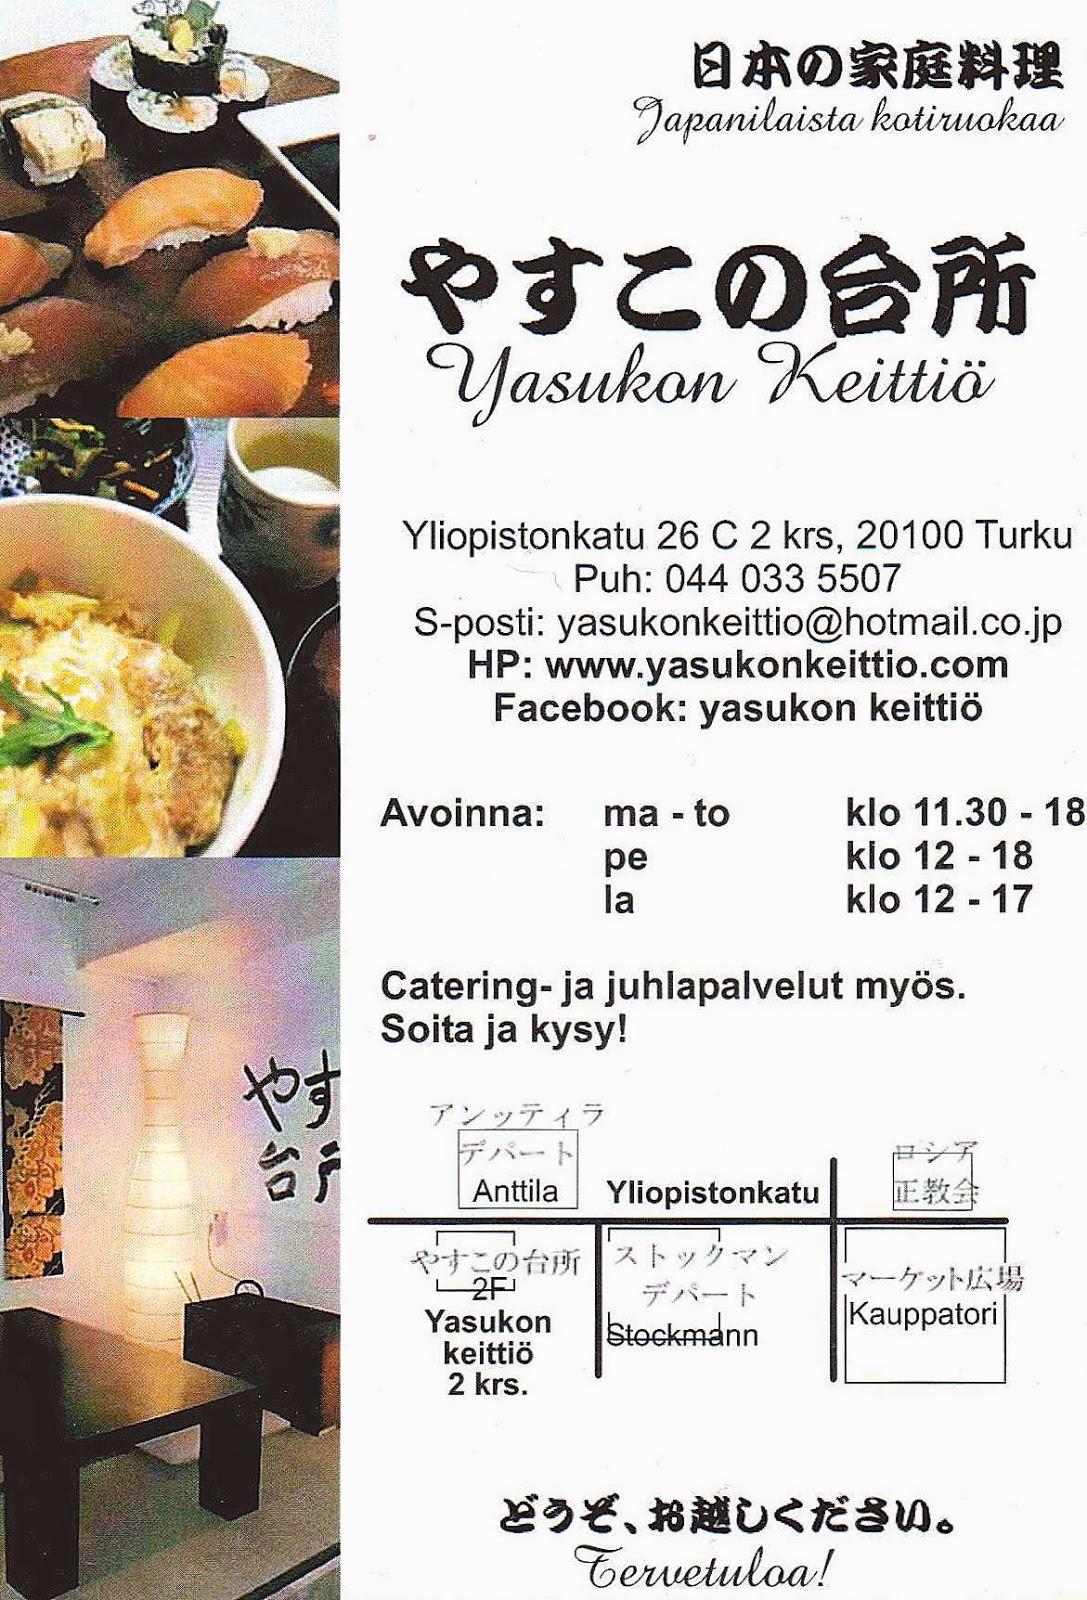 The traveler's drawer YASUKON KEITTIÖ, Japanilaista kotiruokaa Turku (S